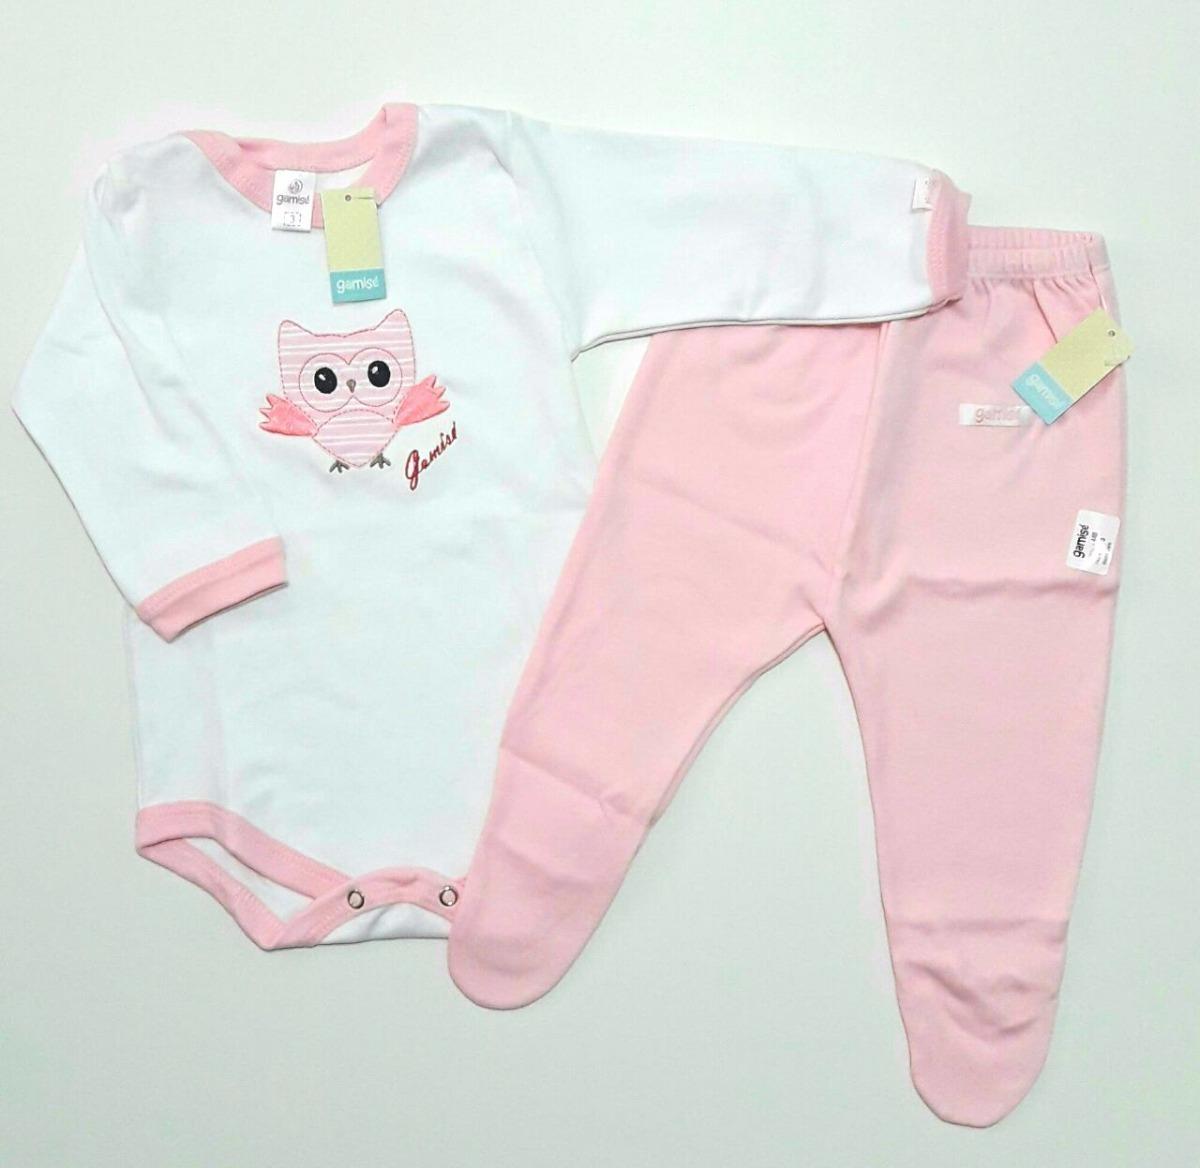 d7ed5ca73 conjunto bordado talle 3 body y ranita ropa bebé gamise nena. Cargando zoom.